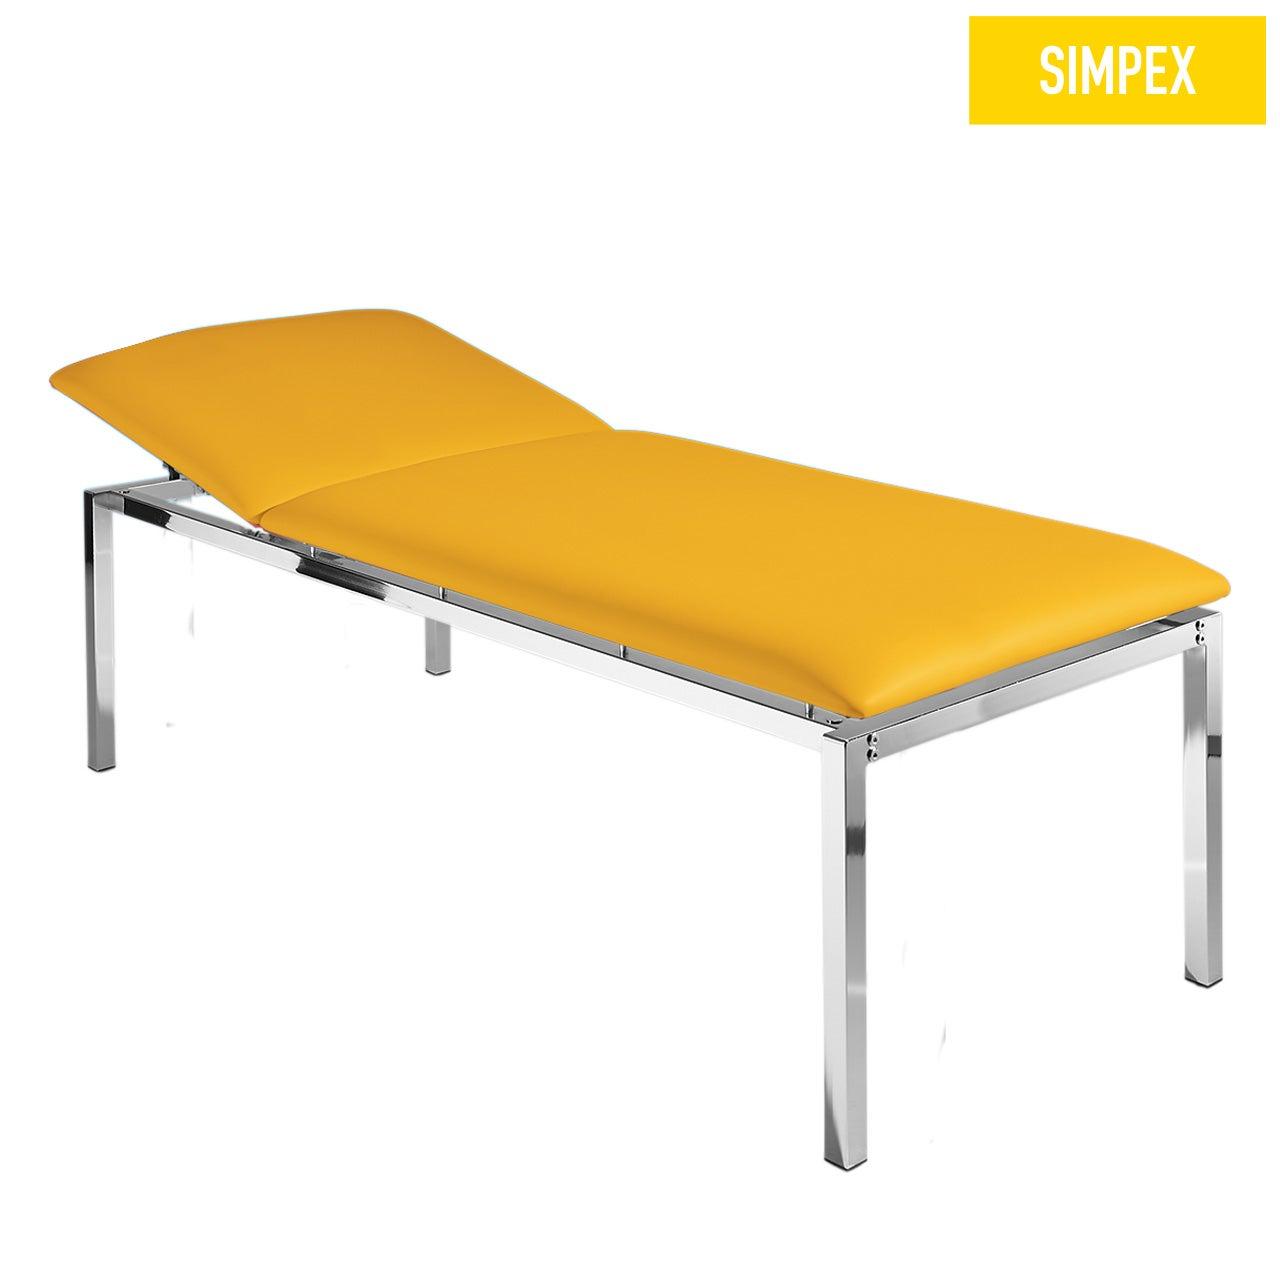 EKG-Schwerlastliege HELENA 80 Classic XL mit Kunstleder in gelb (mais) und einem Gestell aus Stahl verchromt von SIMPEX